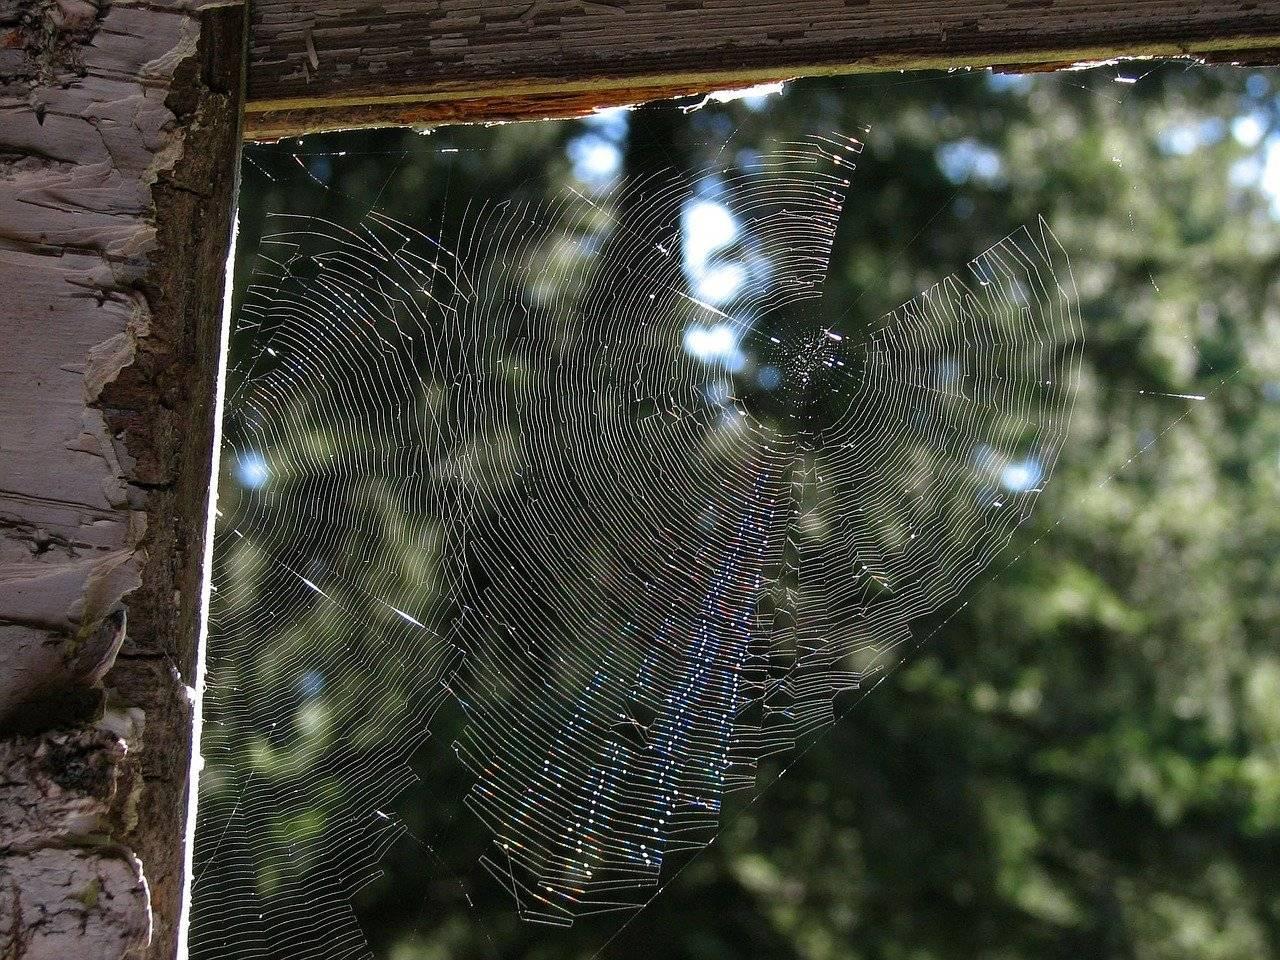 Как избавиться от пауков навсегда (в частном доме, в квартире, на балконе, в теплице) в домашних условиях: народные средства, химические препараты